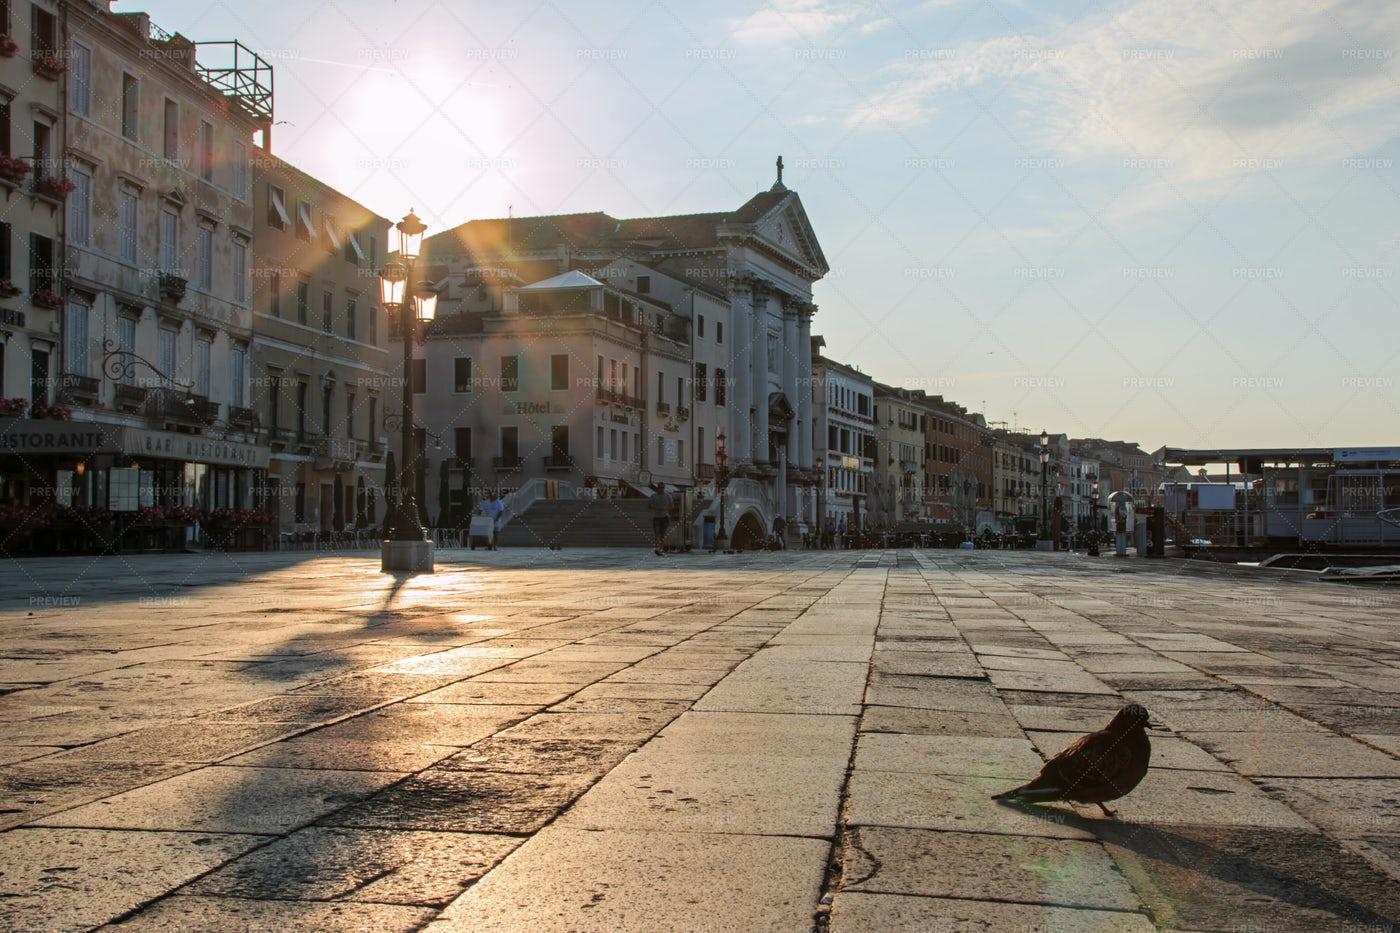 Sunrise In Venice: Stock Photos